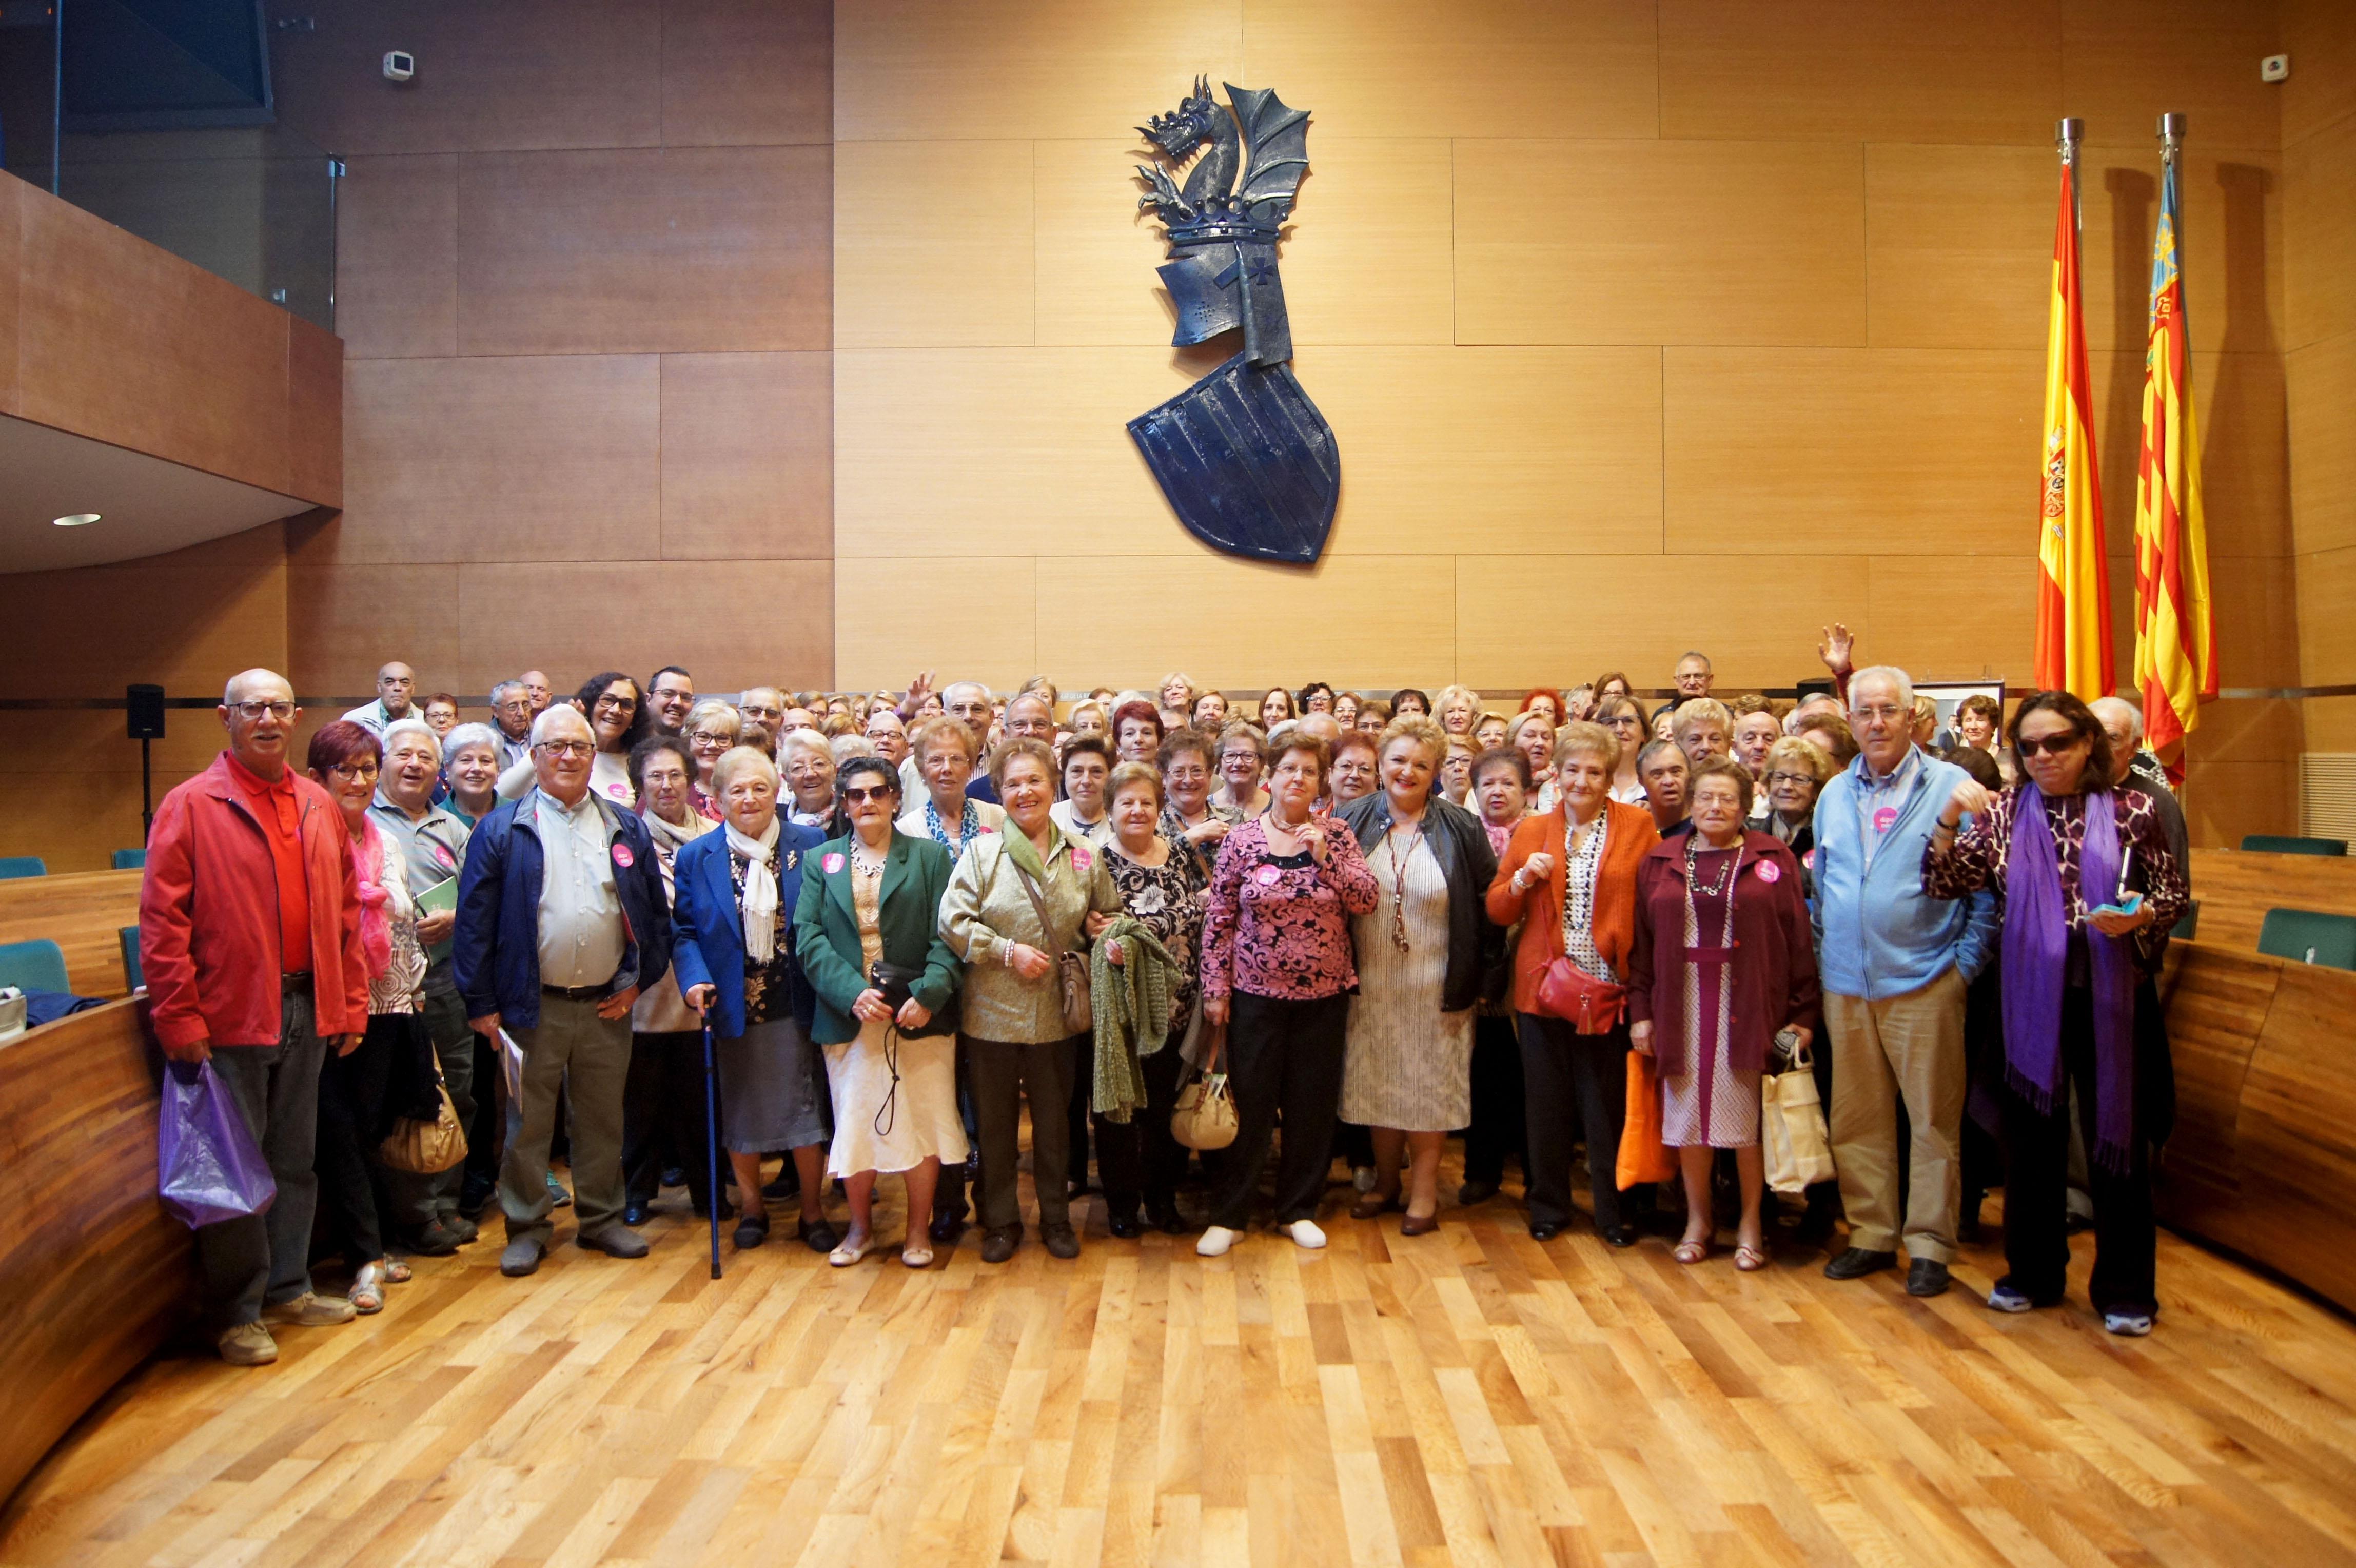 Los vecinos y vecinas de Requena y Burjassot durane la visita a la sede de la Diputación.